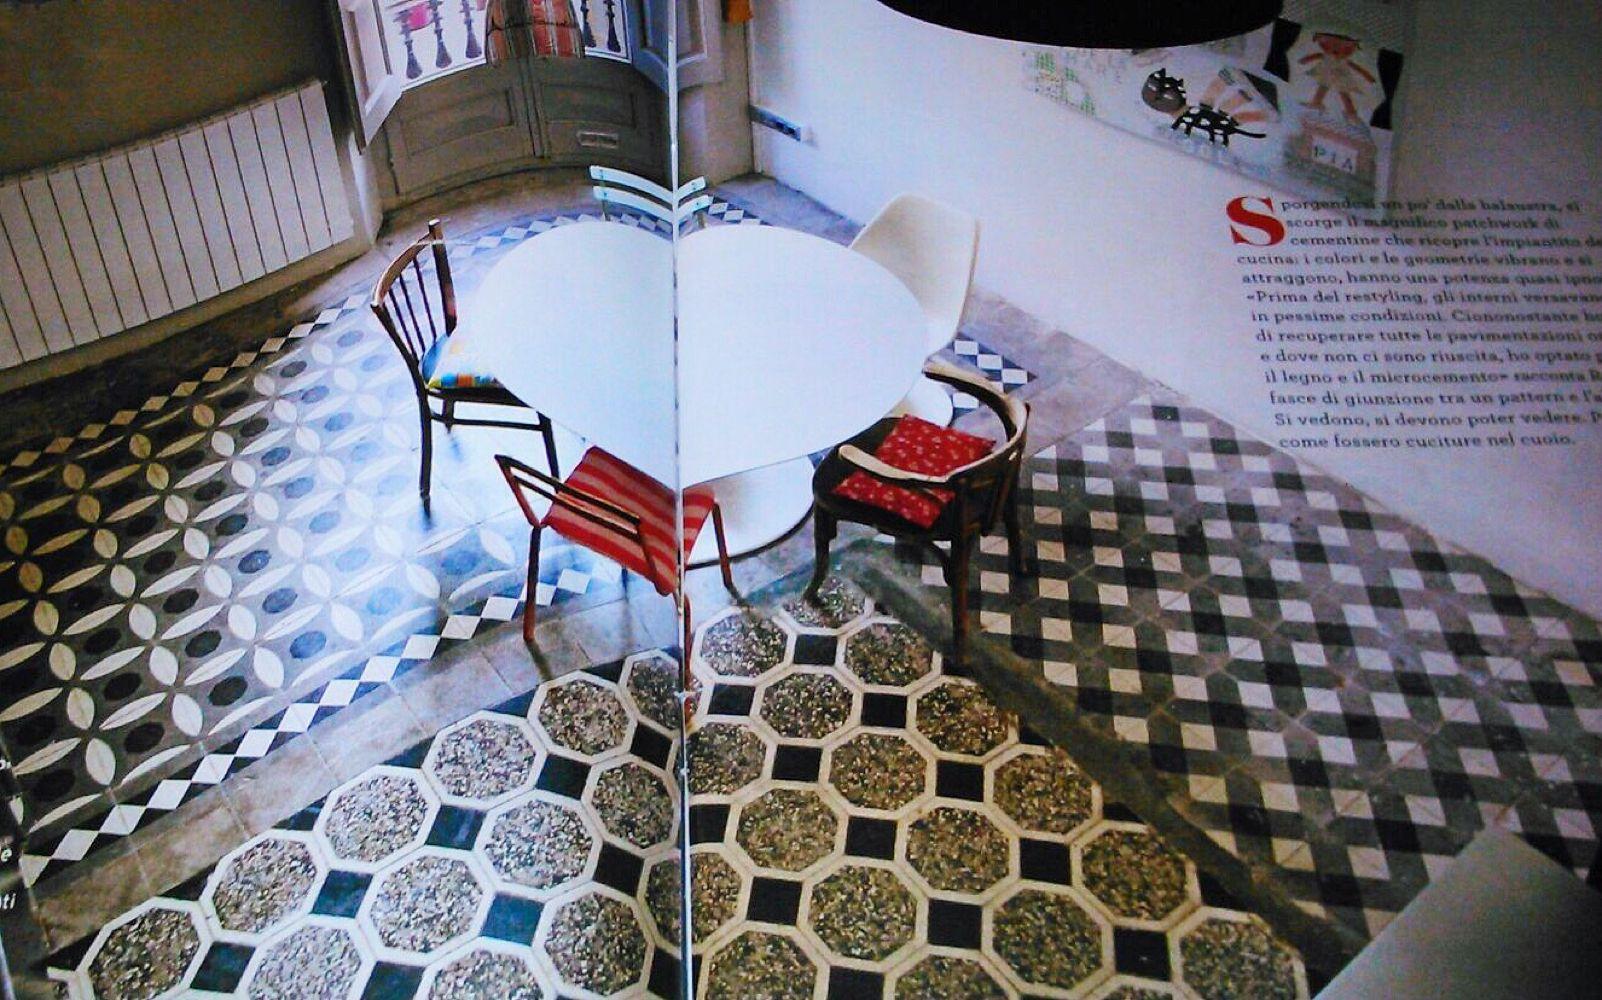 mosaik kunst bisazza verkleidung, cool tile mix | floors & tiles | pinterest, Design ideen